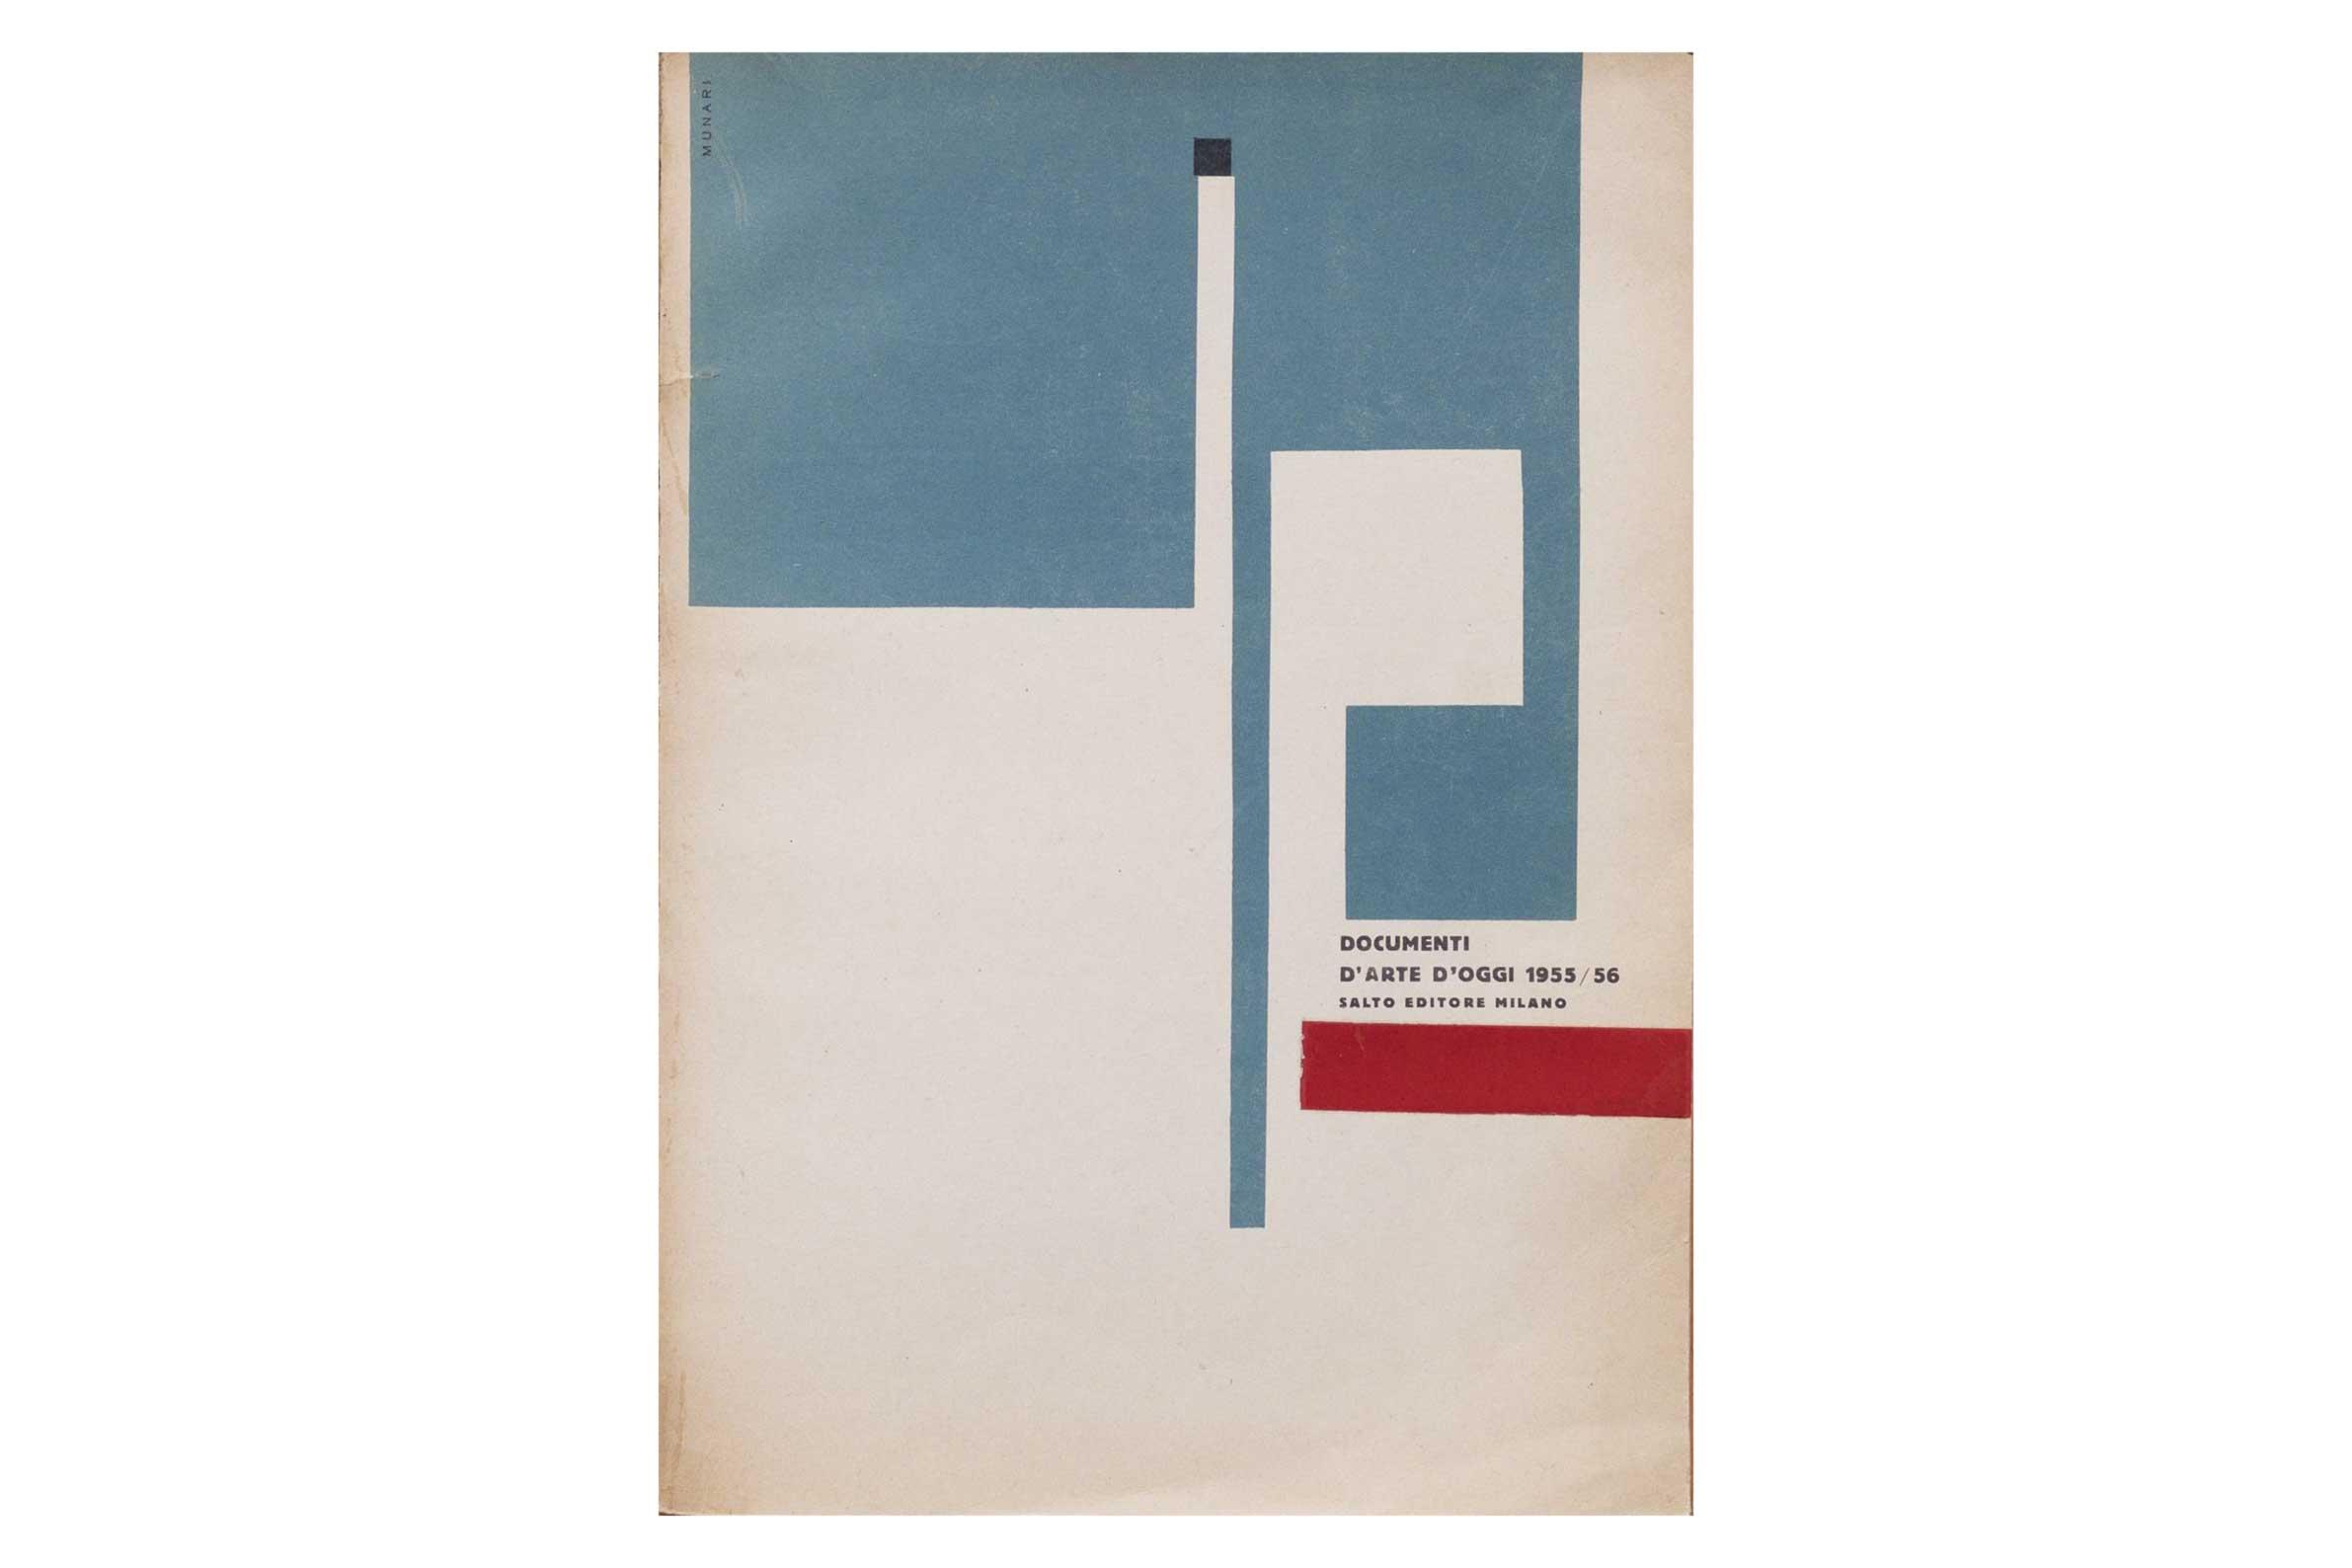 Lotto 2: Libro d'artista AA.VV. - Documenti d'arte d'oggi 1955/56. Raccolti a cura del MAC/Espace Milano, Il Salto Editore, 1955, 23x32 cm, brossura, pp. 139-[1] - Stima € 1.500 - 1.700